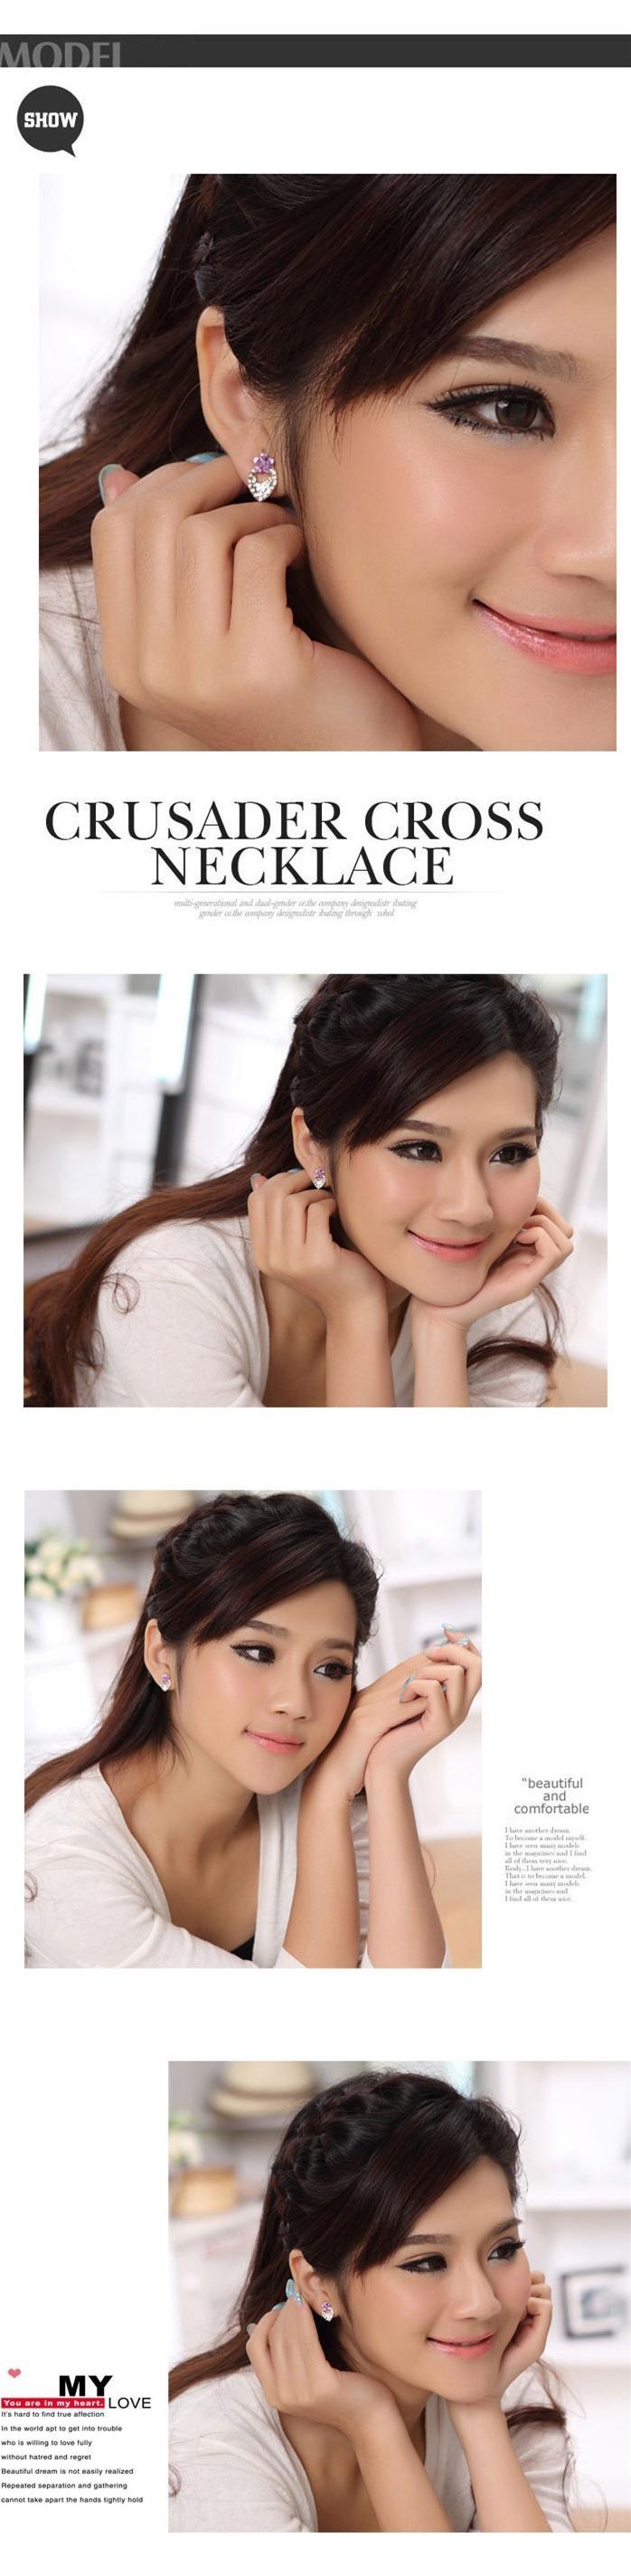 Hoa Tai Nữ Nụ Hoa Xuân cho các cô gái thêm phần tự tin quyến rũ